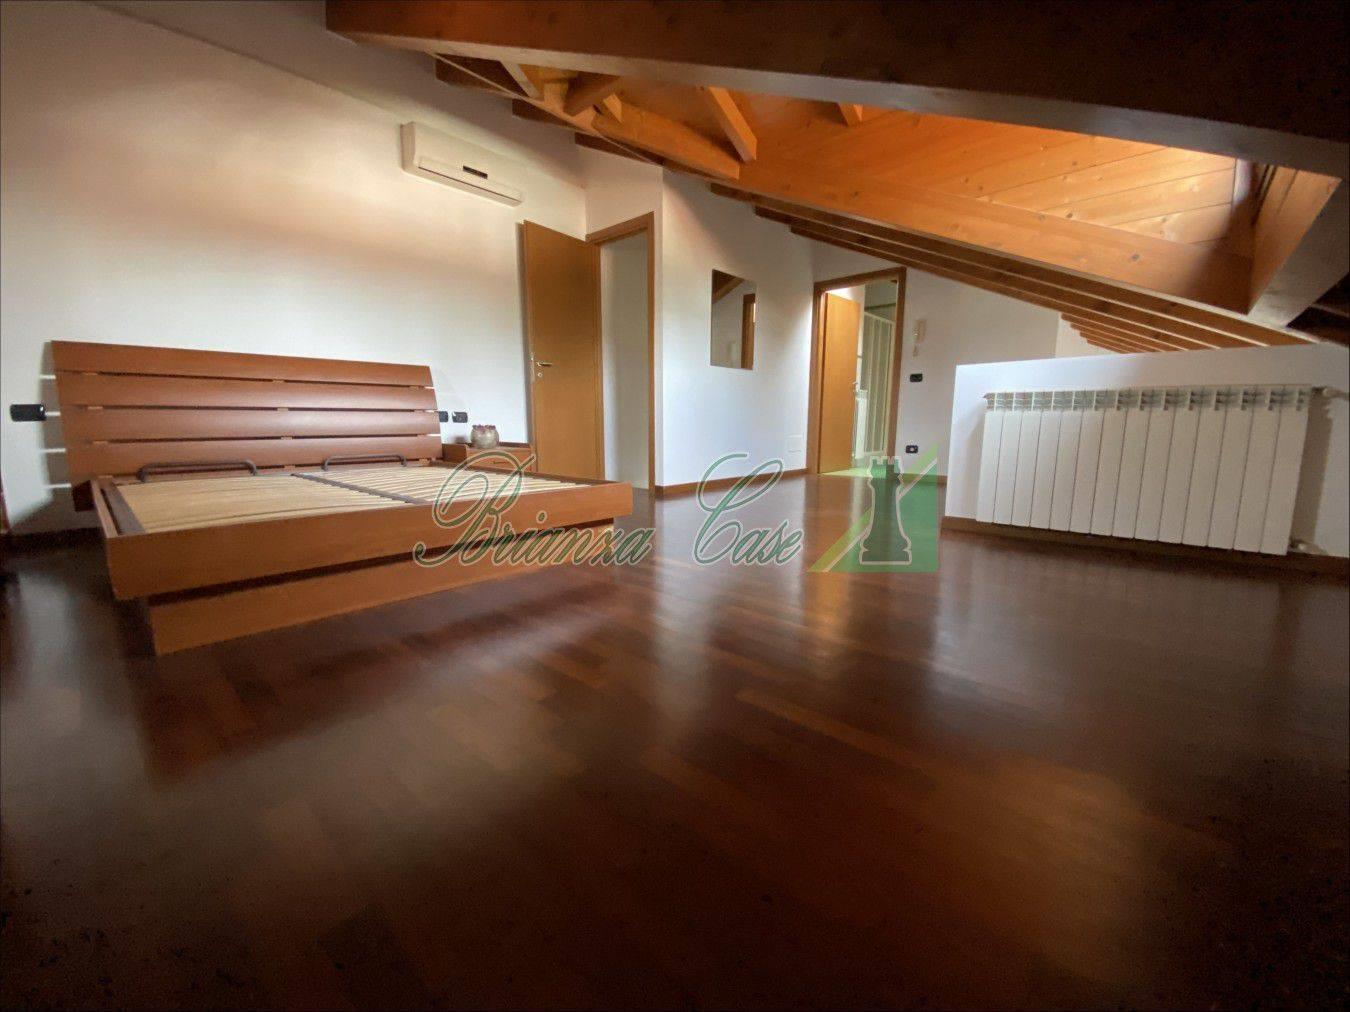 Foto 13 - Appartamento in Vendita - Arcore (Monza e Brianza)